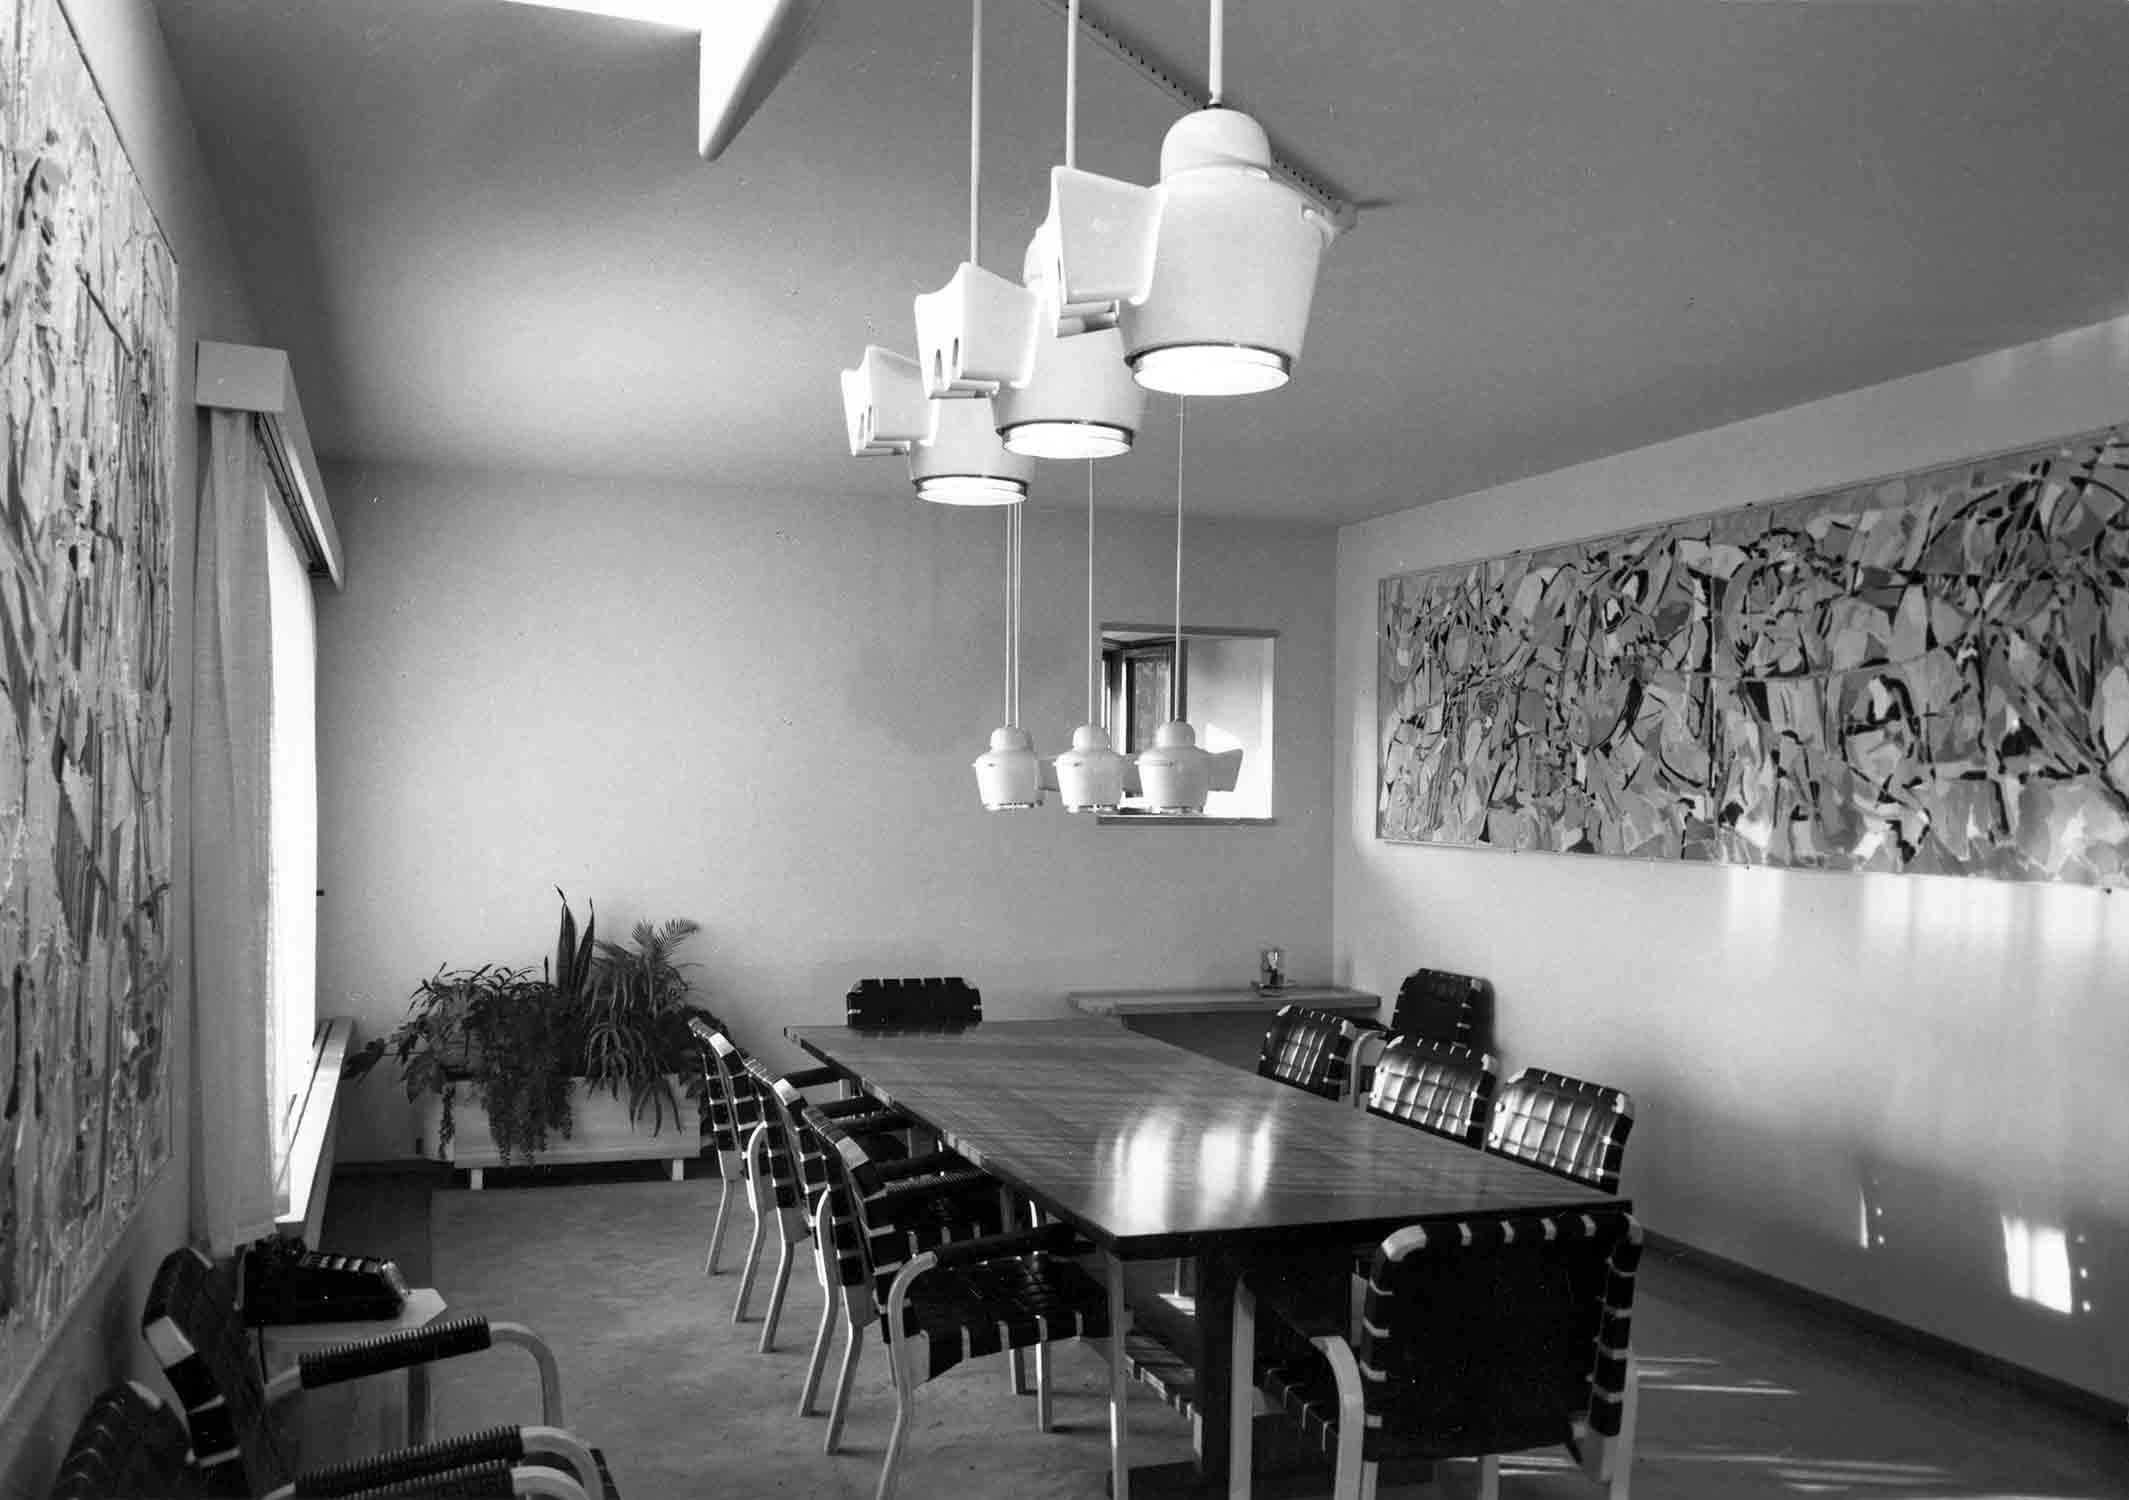 Maison Louis Carré, salle à manger ©Alvar Aalto Museum, photo Heikki Havas